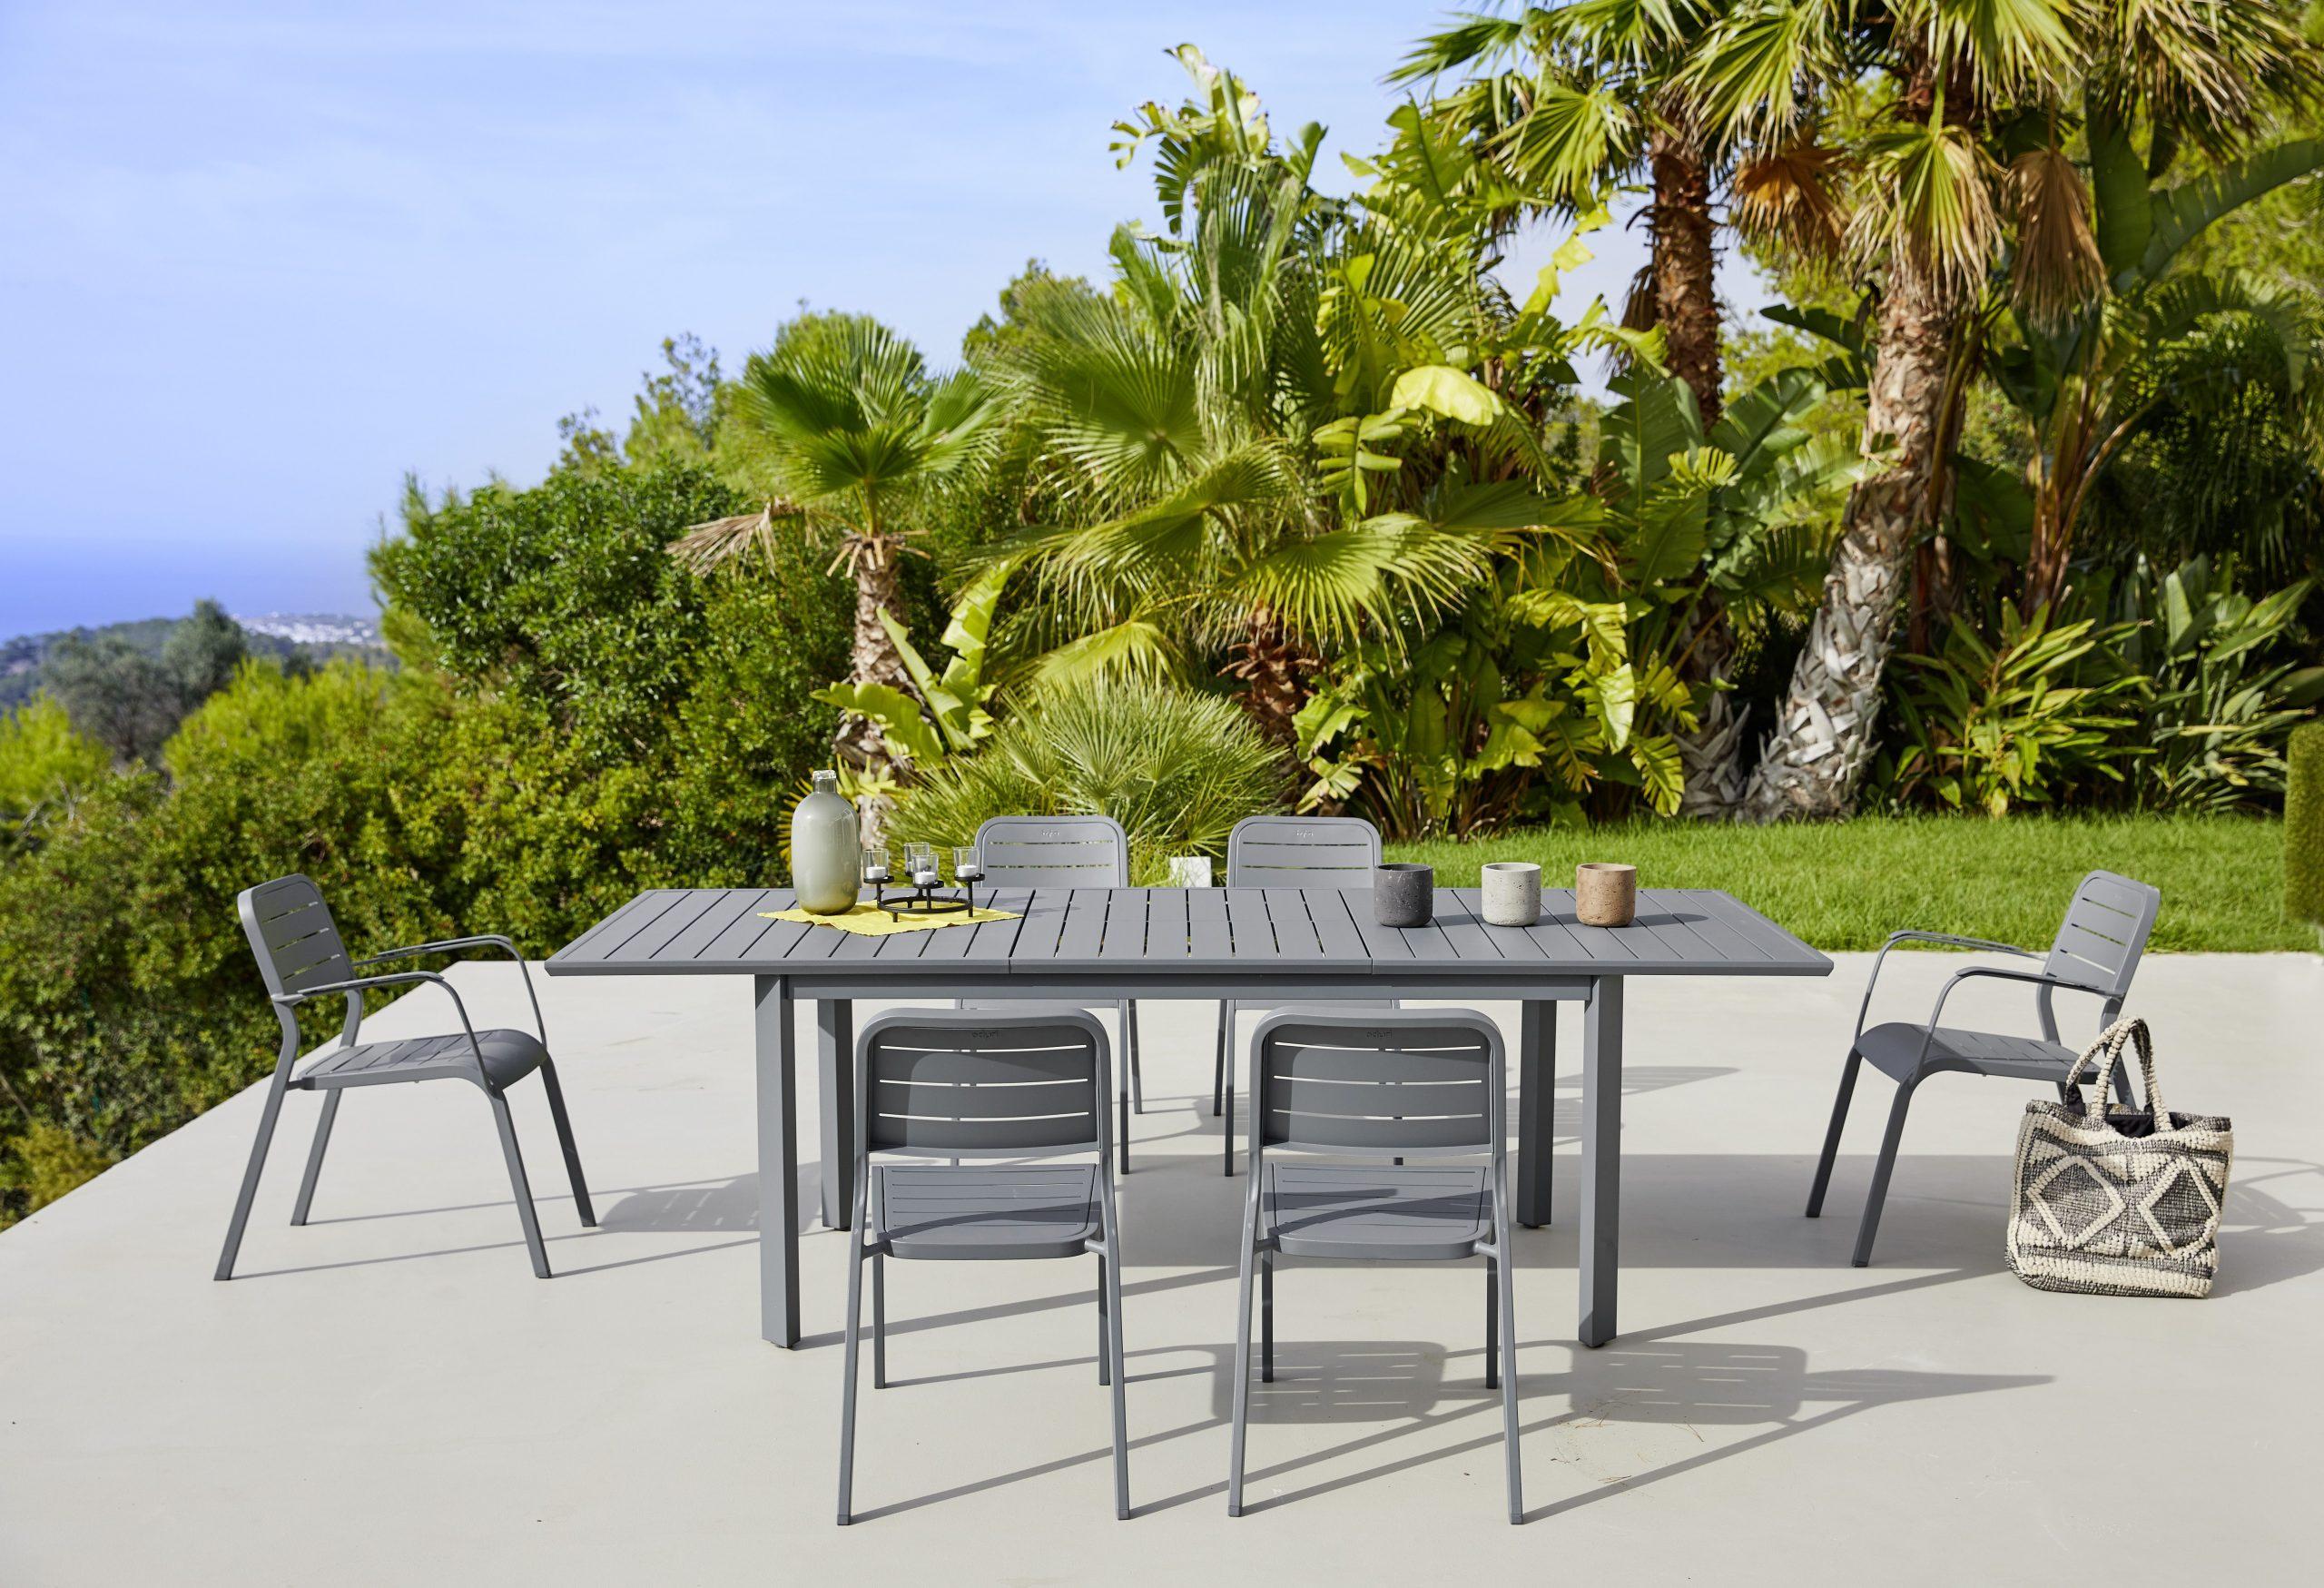 Les 157 Meilleures Images De Ambiances Jardin / Terrasse ... encequiconcerne Transat Jardin Carrefour